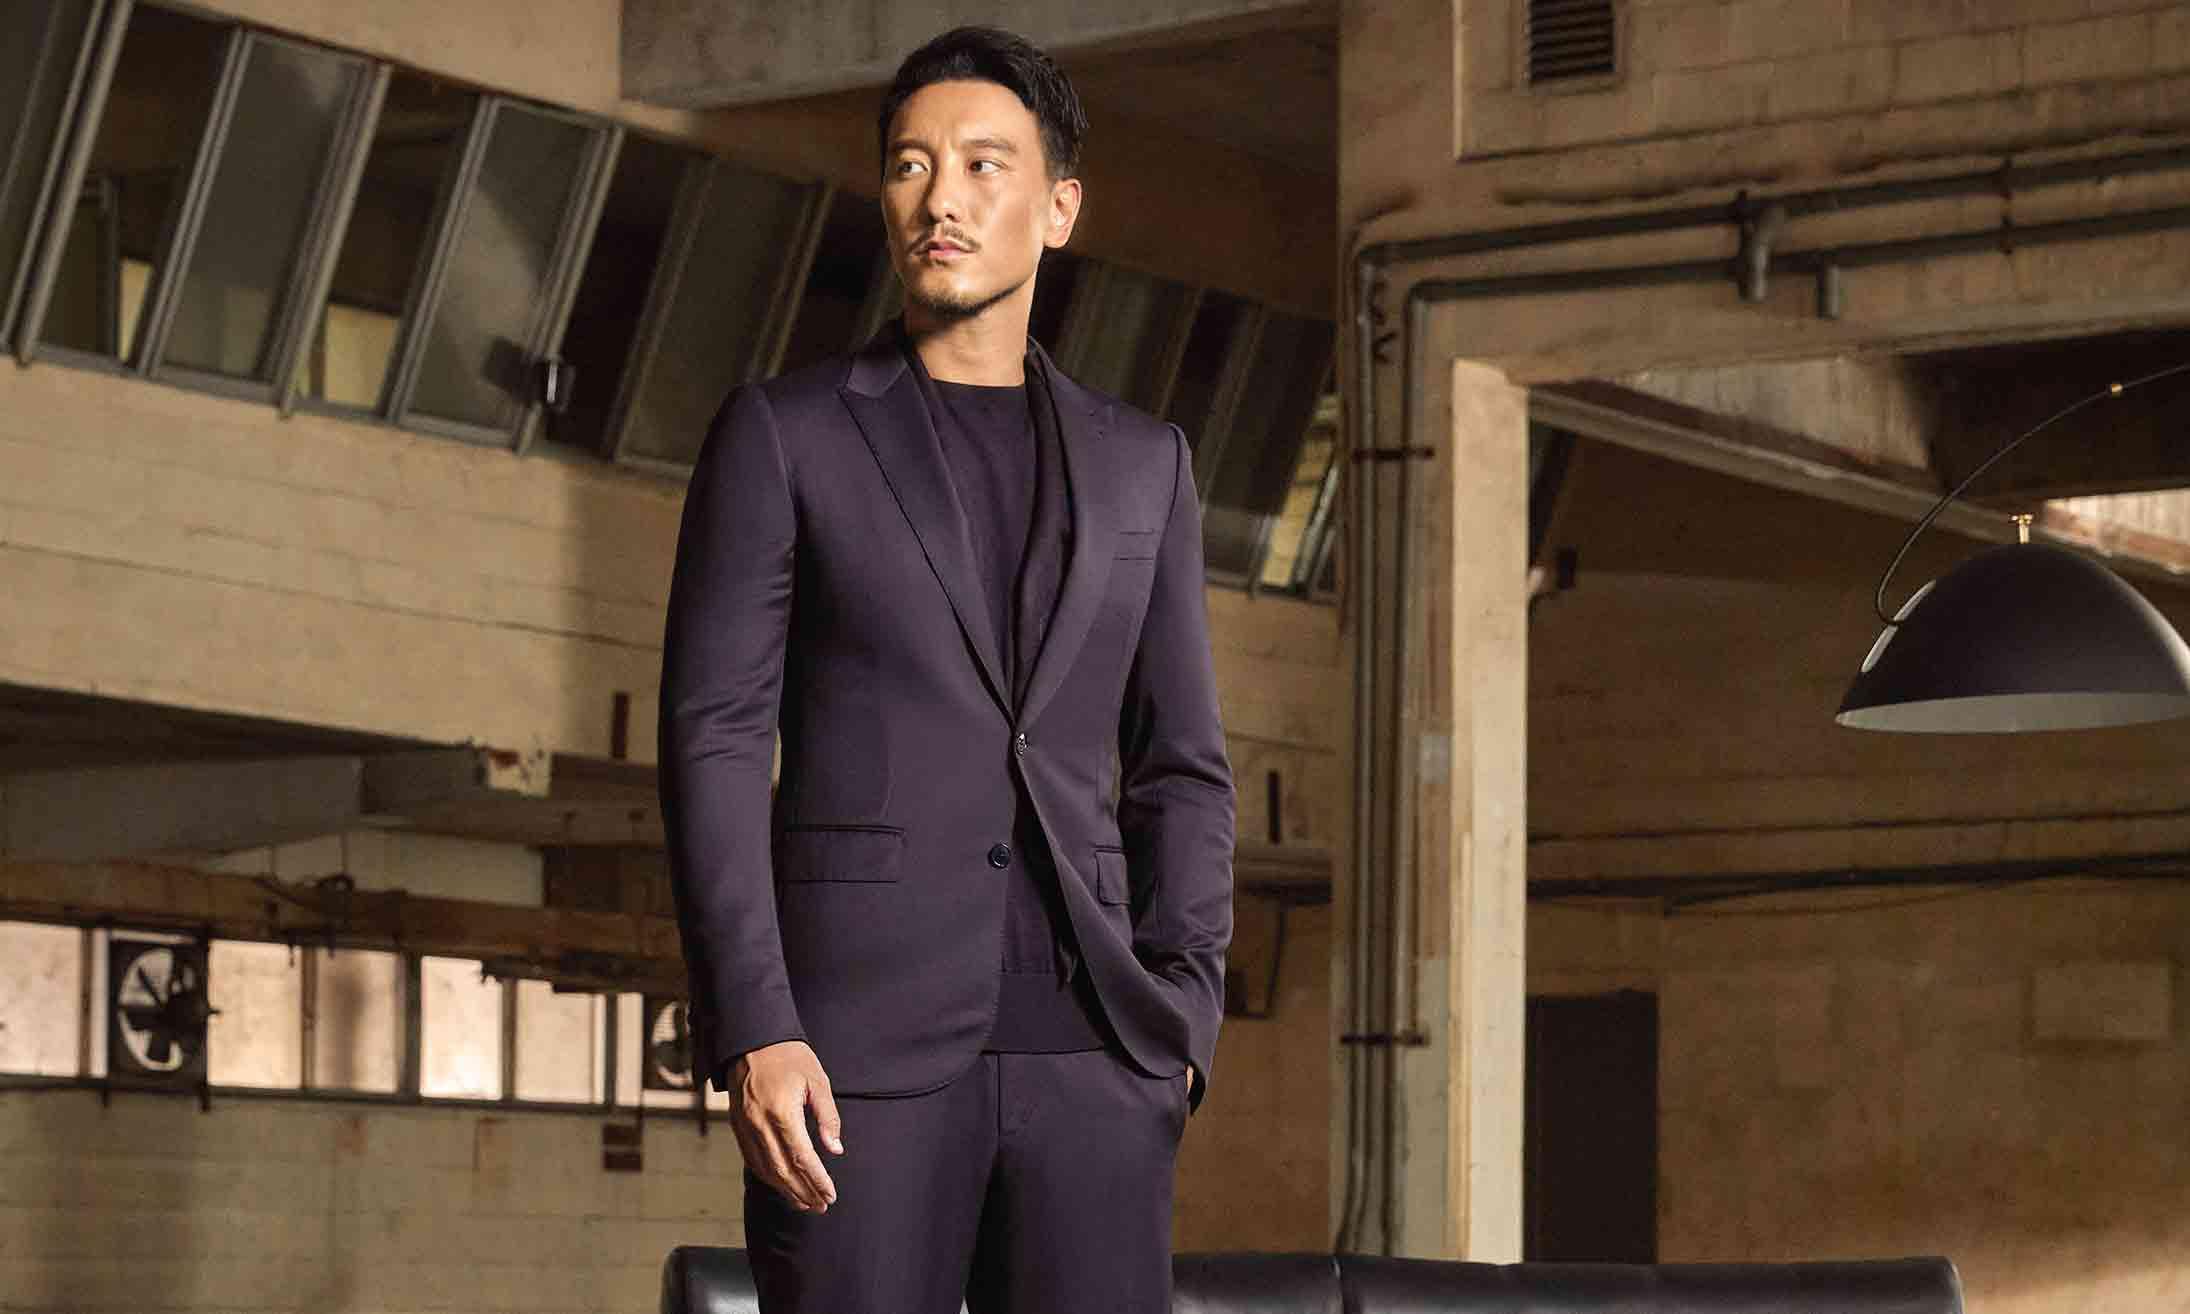 #何谓当代男士#,杰尼亚开启 2020 秋冬季品牌话题